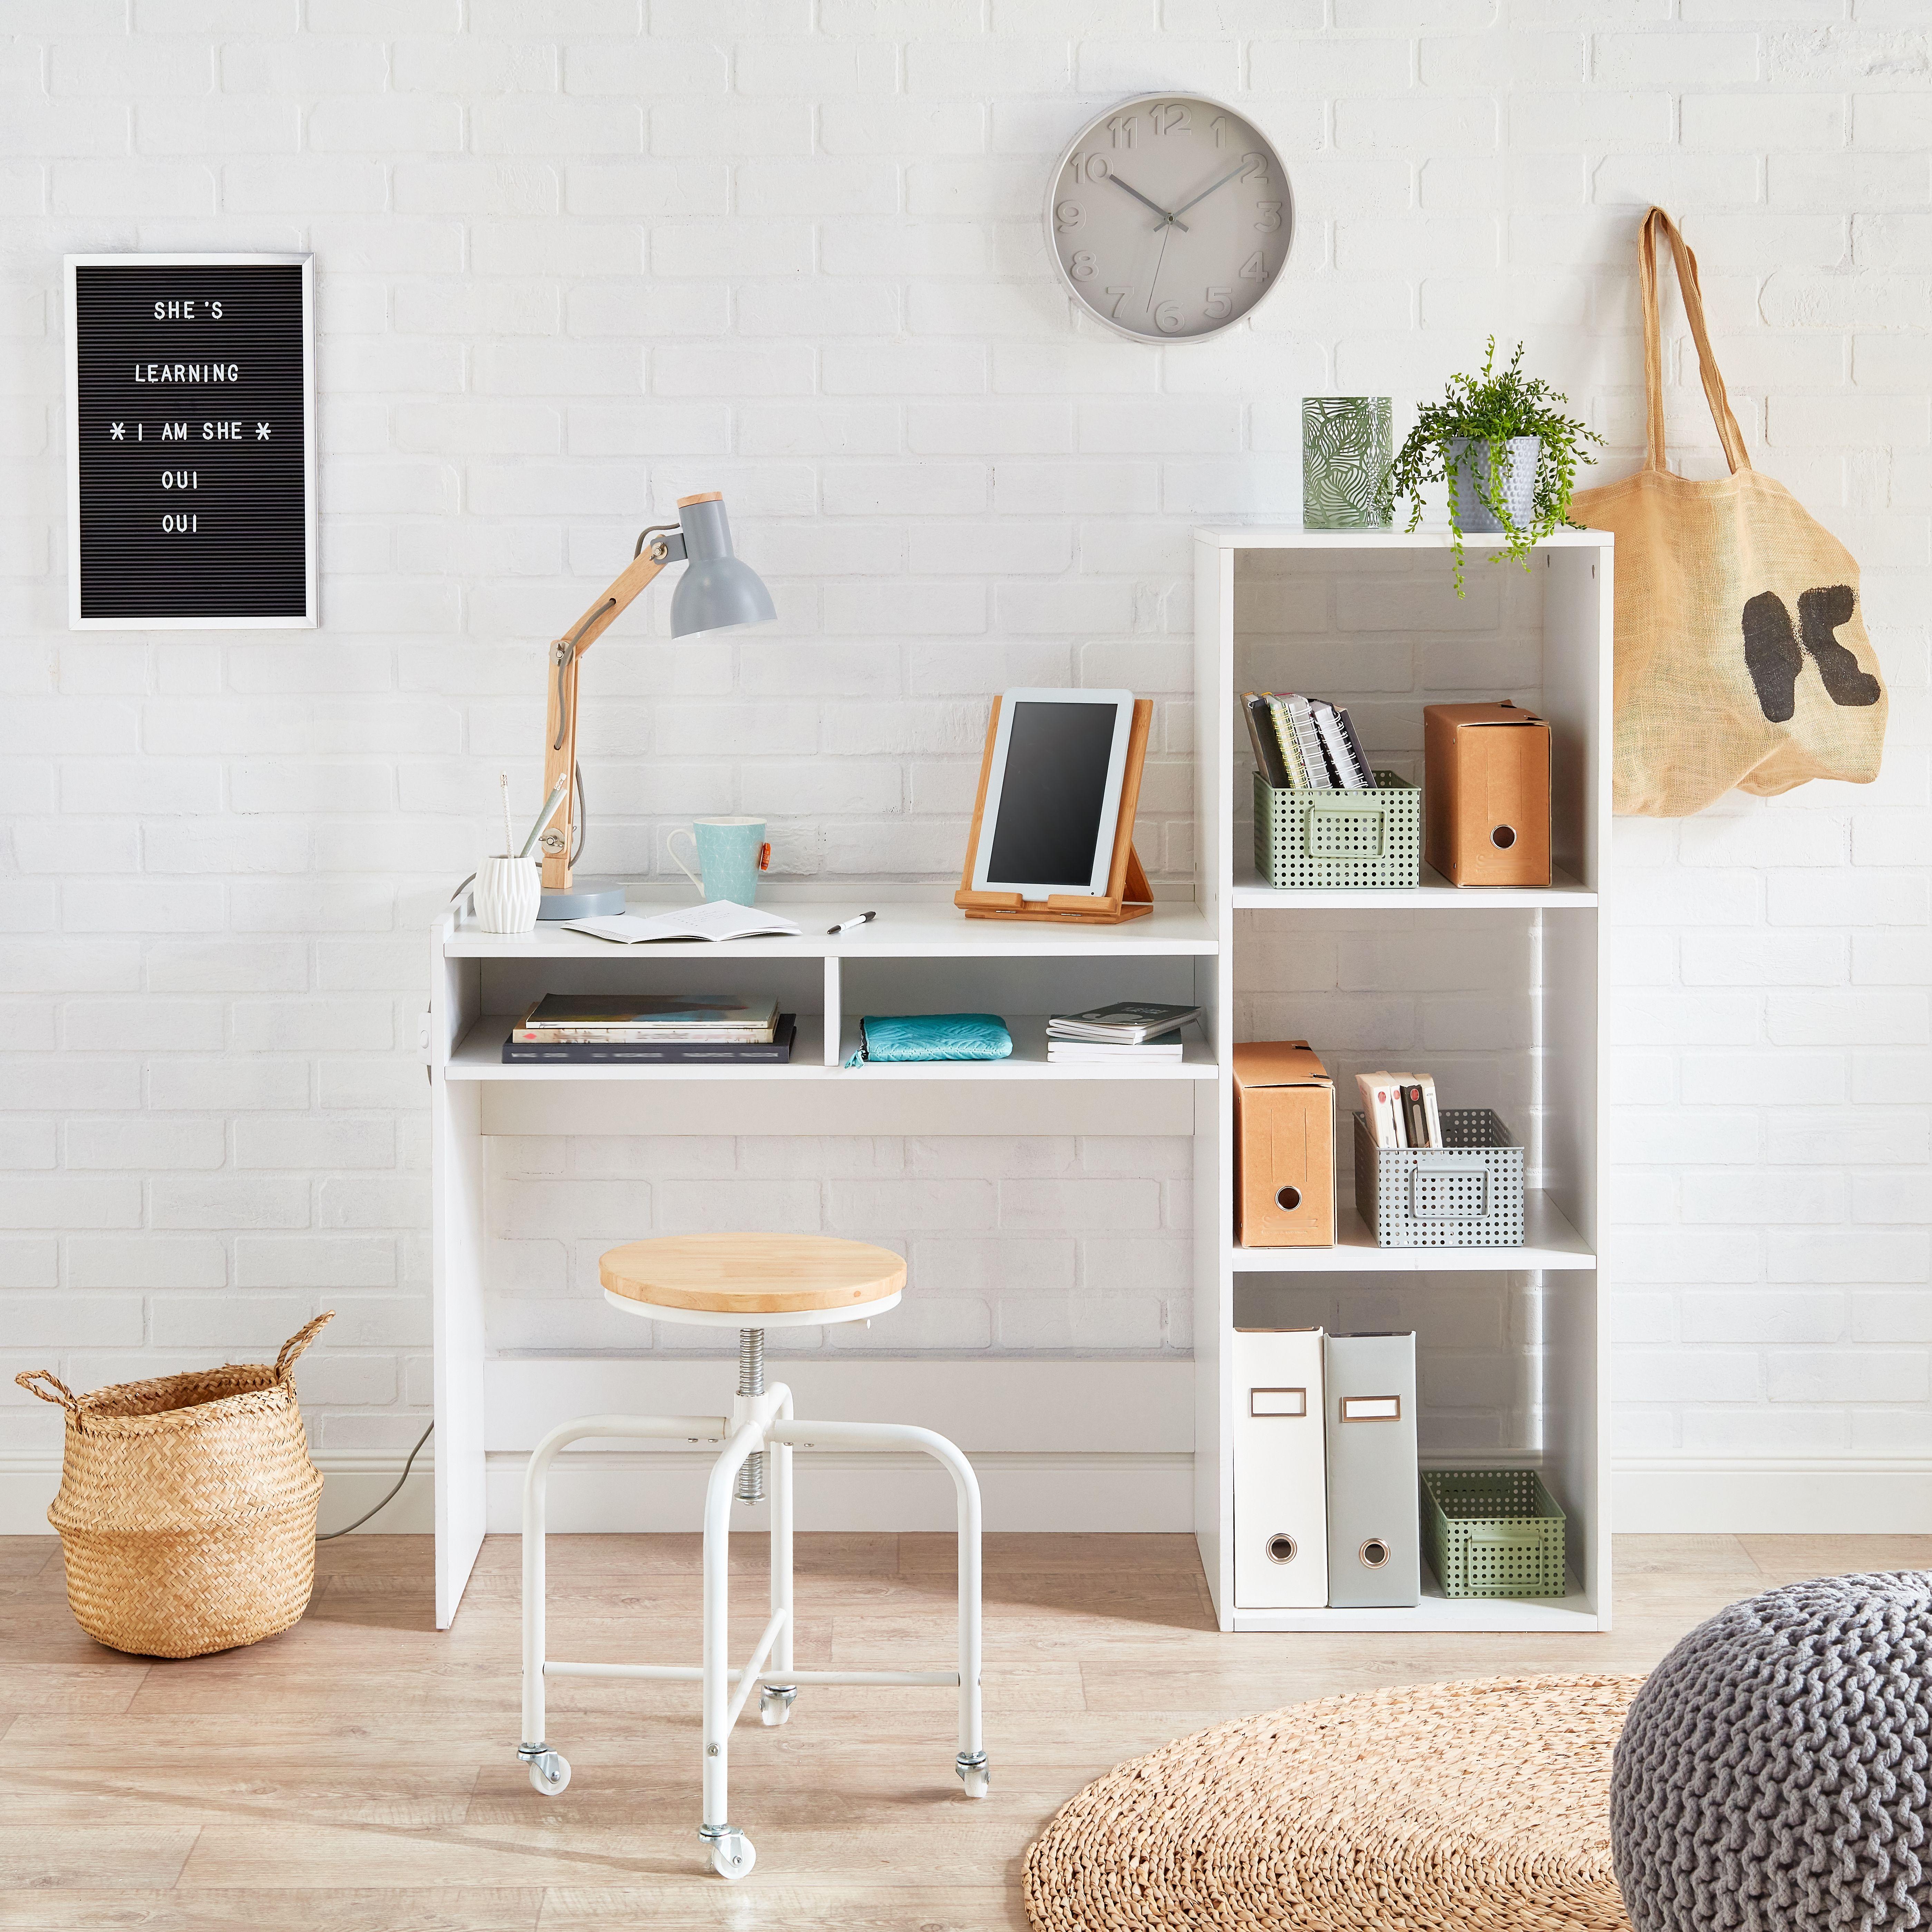 trouvez le bureau parfait pour la rentree scandinave industriel et naturel tous les styles sont reuni decoration maison idee deco appartement bureau design